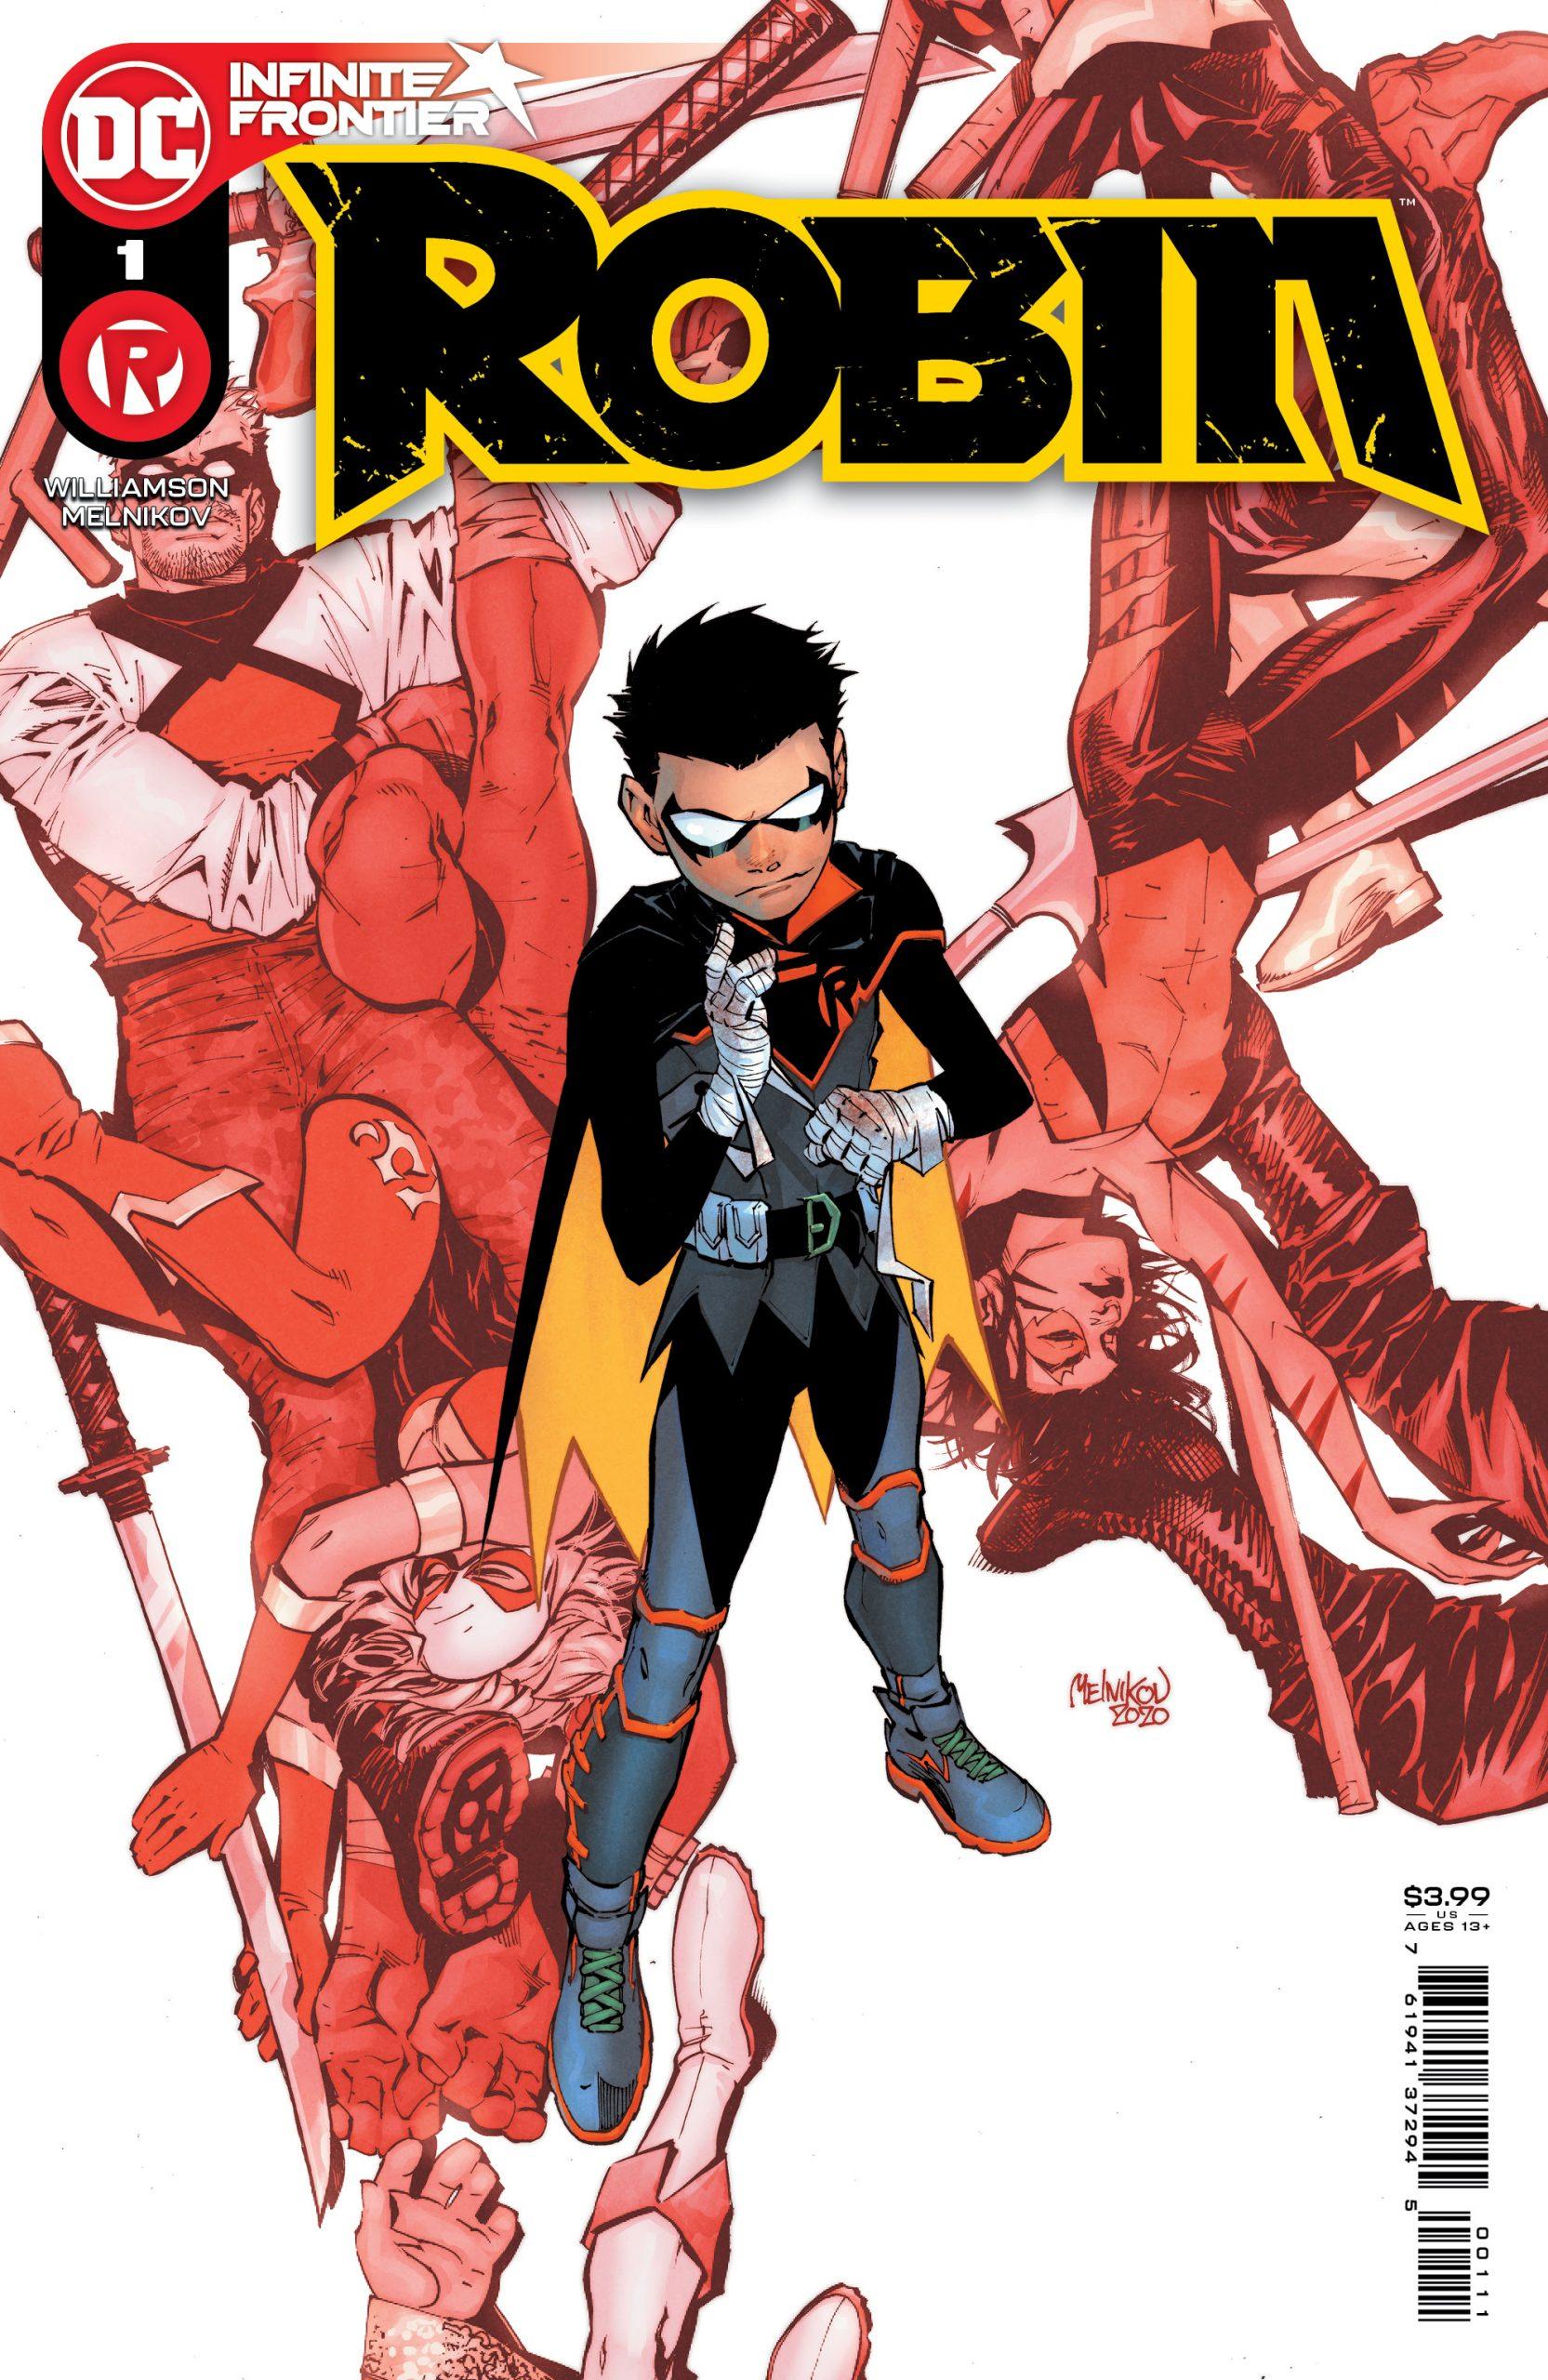 Robin 1 - Infinite Frontier